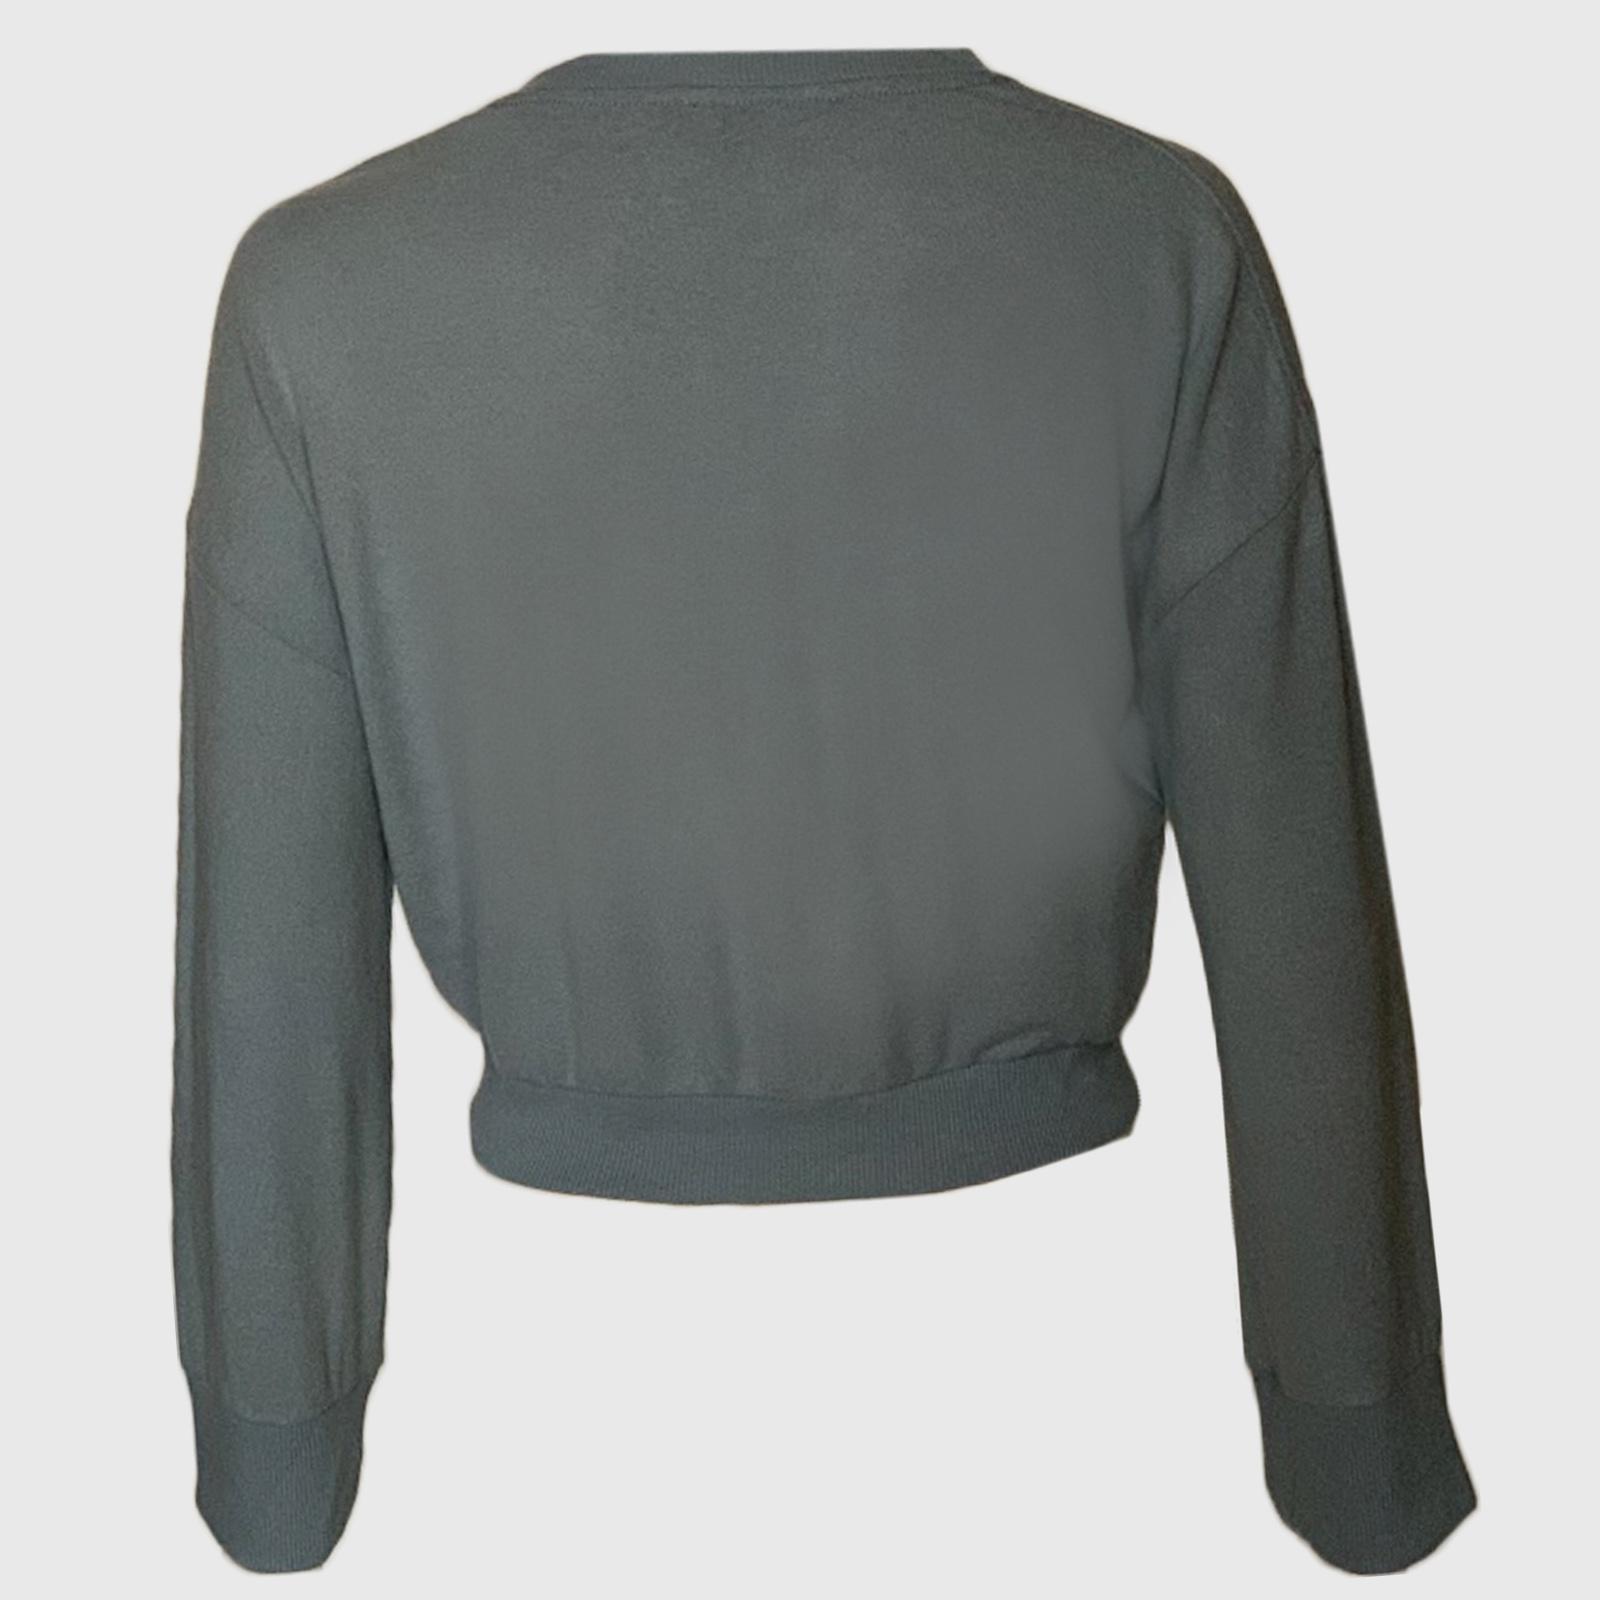 Регланы, кофты, туники и другая женская одежда